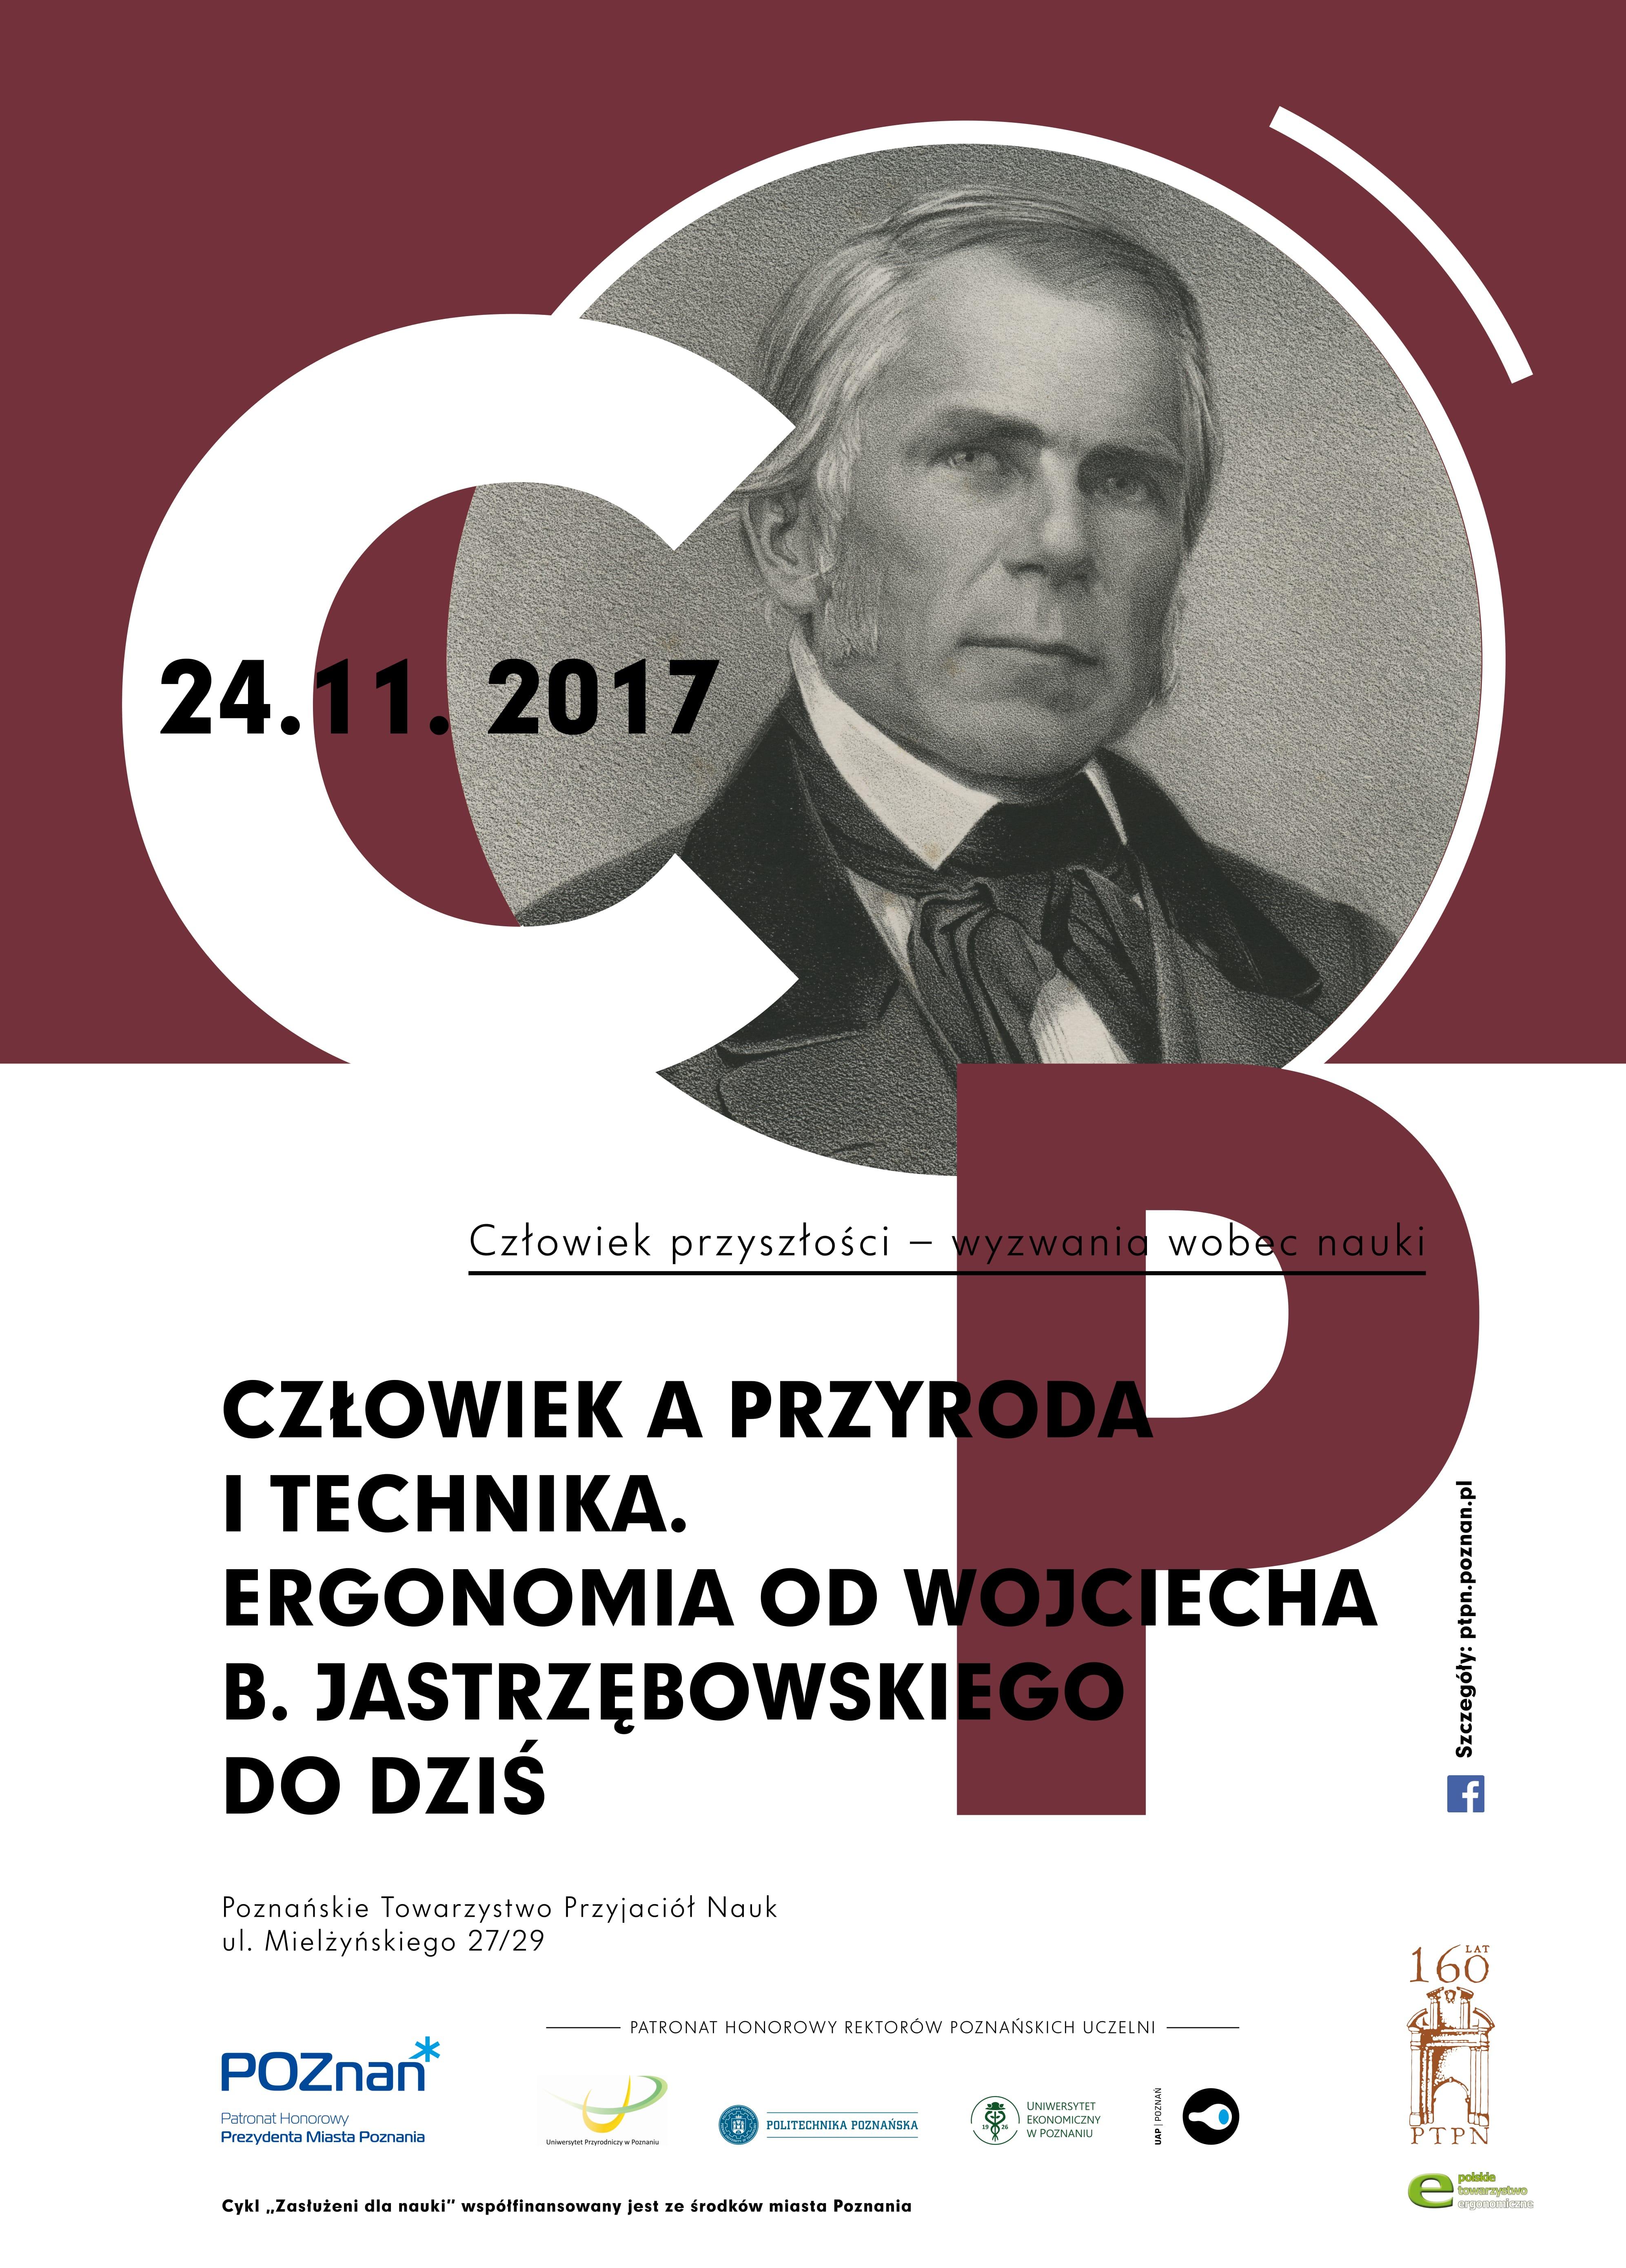 plakat jatrzebowski2_D-1